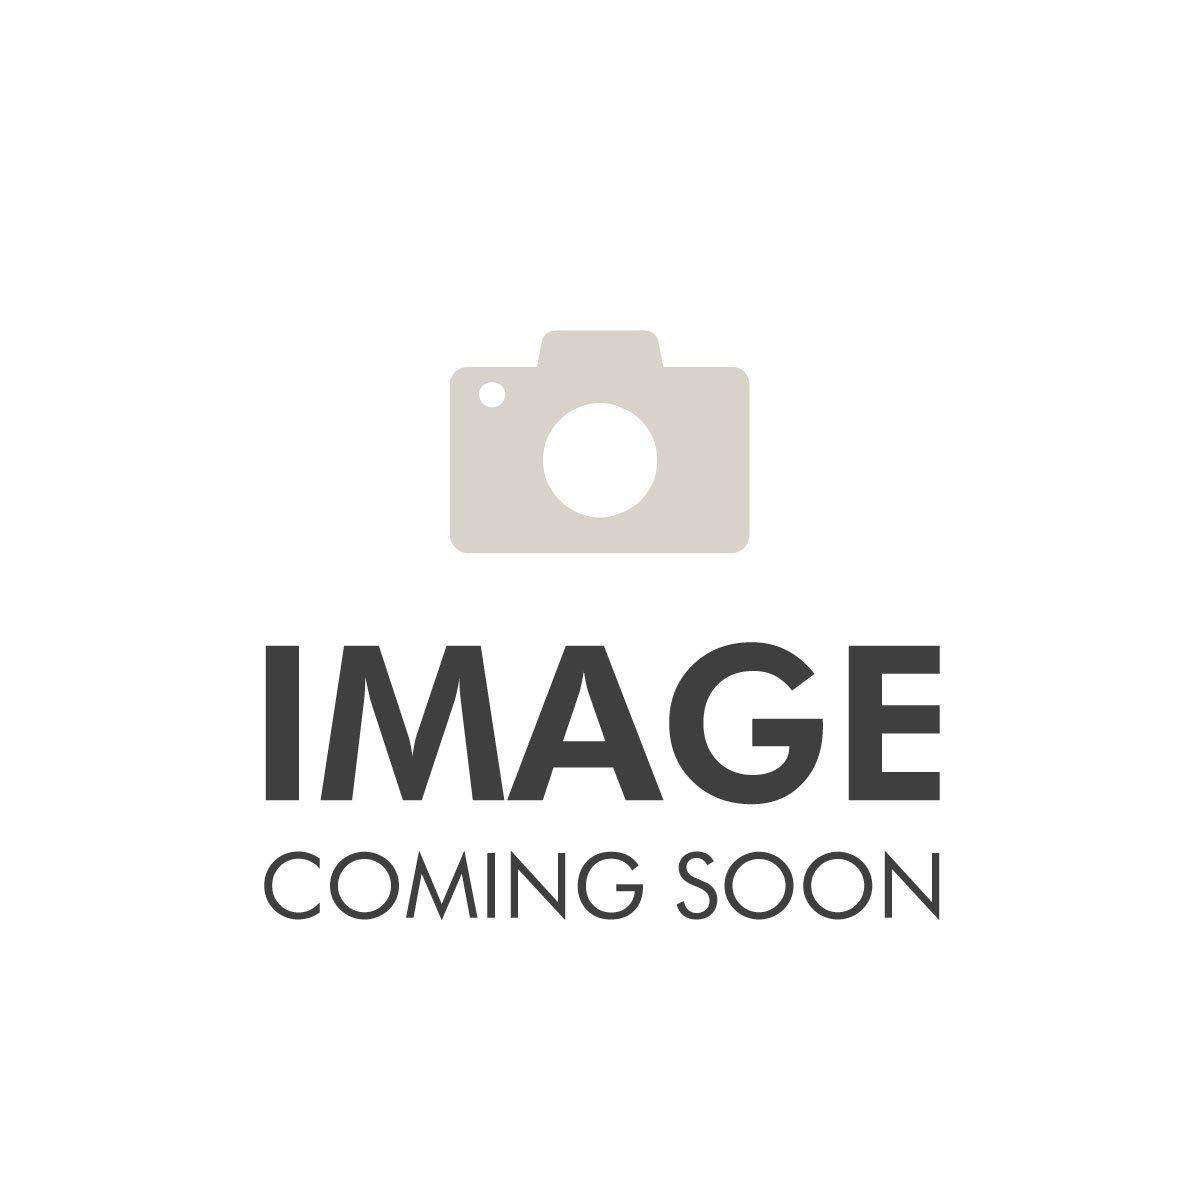 Leon Paul - Coussin de fleuret/sabre sec - PVC